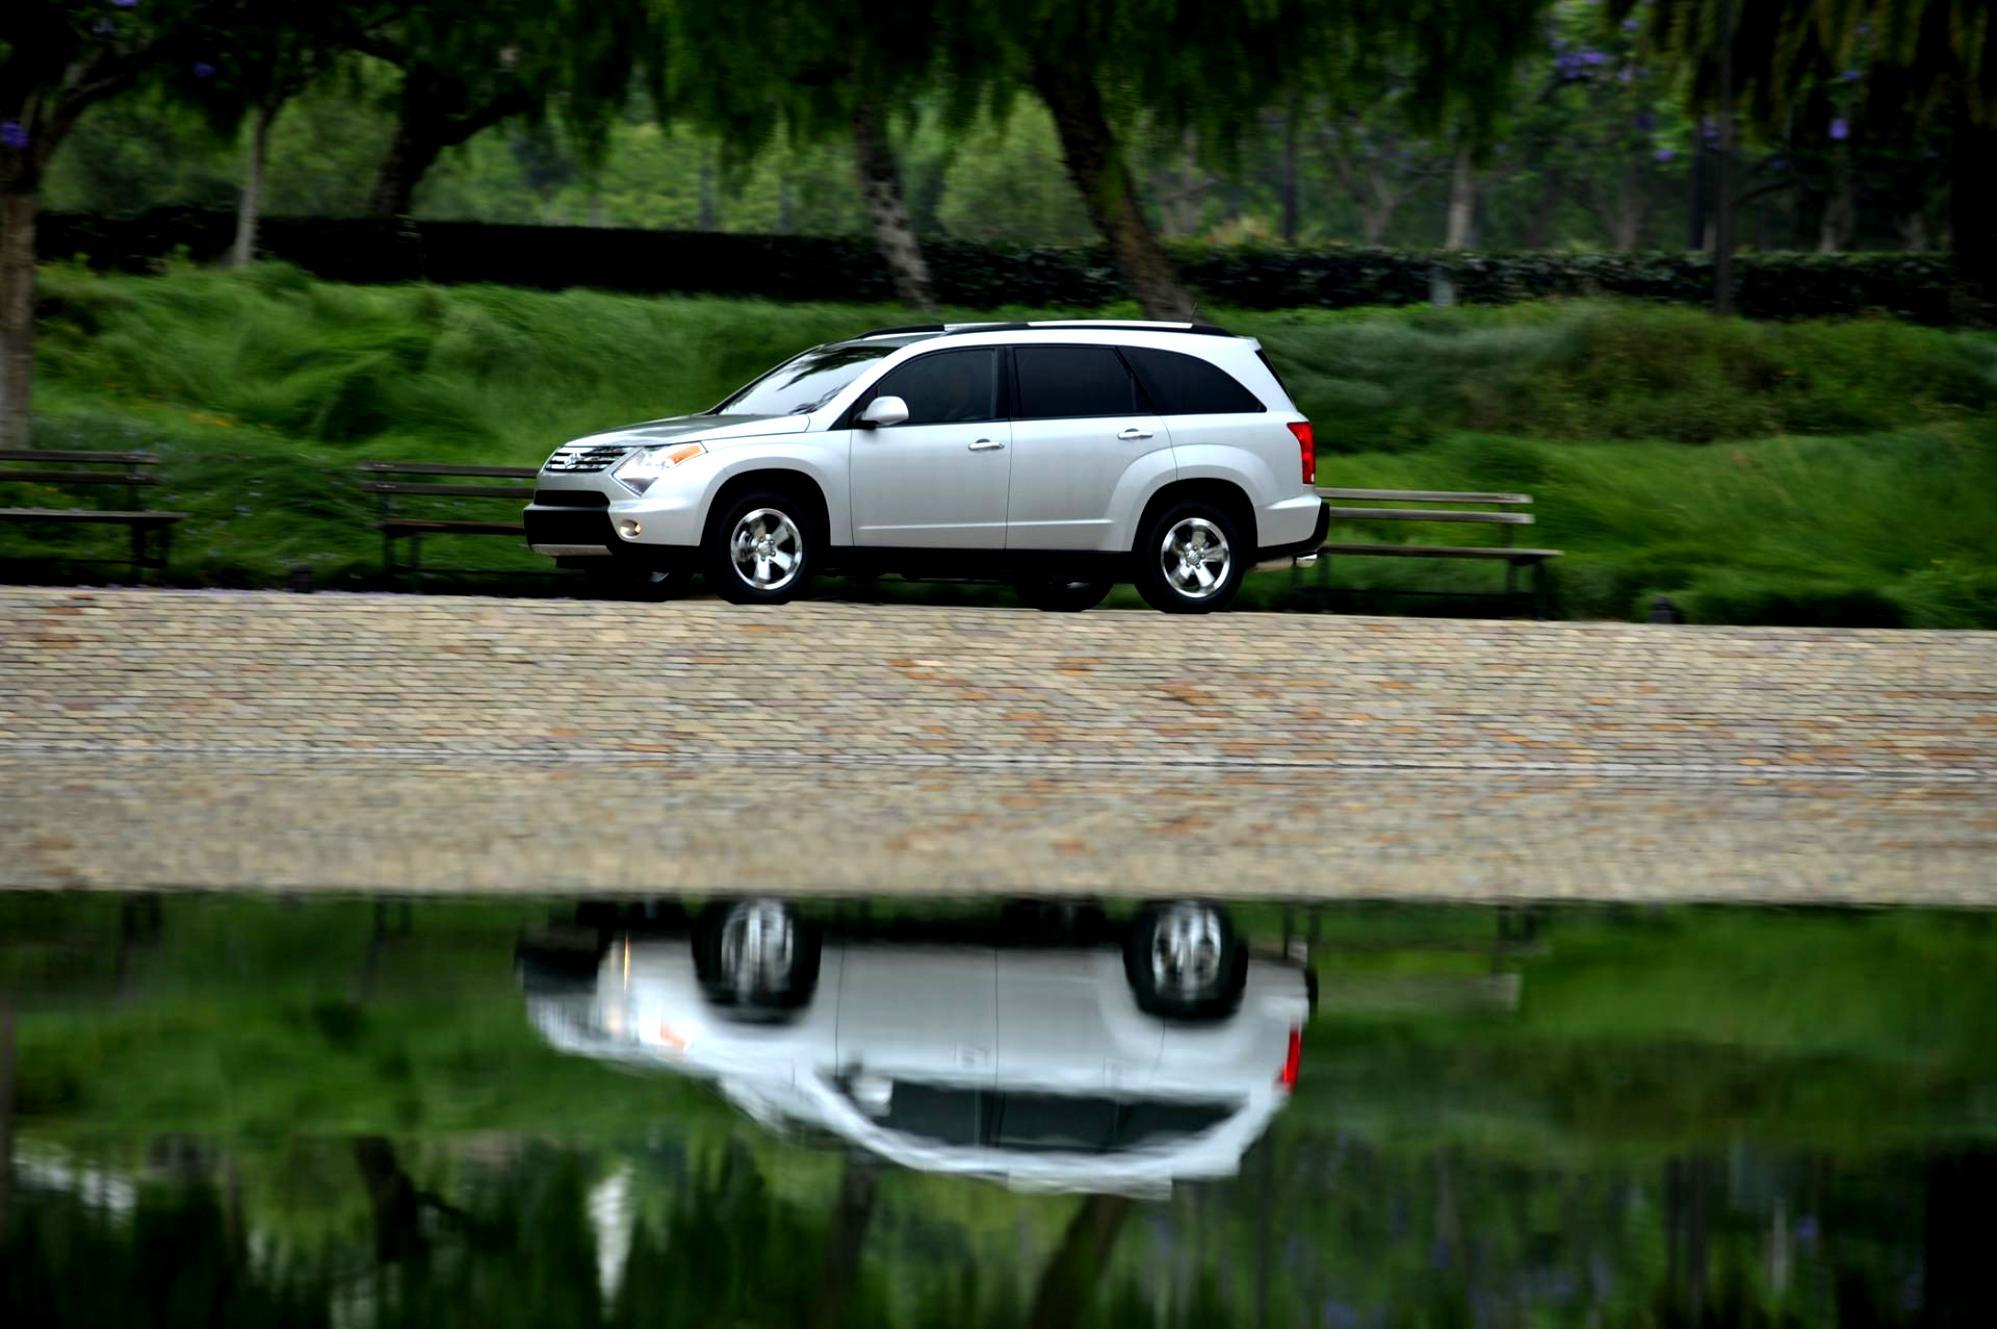 автомобиль белый suzuki grand vitara бесплатно